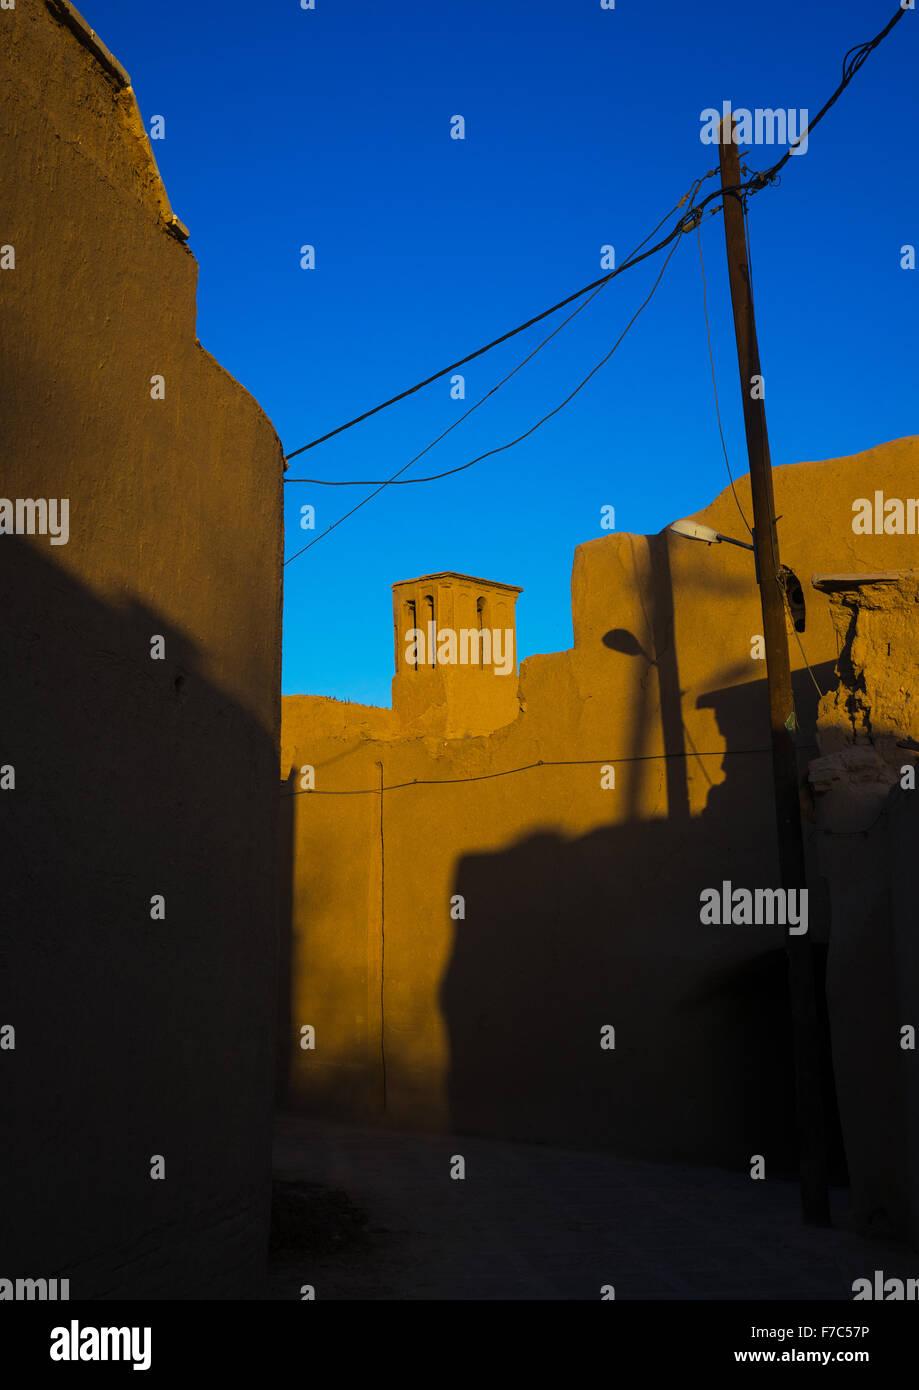 Las torres de viento utilizados como un sistema de refrigeración natural en la arquitectura tradicional Iraní, la provincia de Yazd, en Yazd, Irán Foto de stock